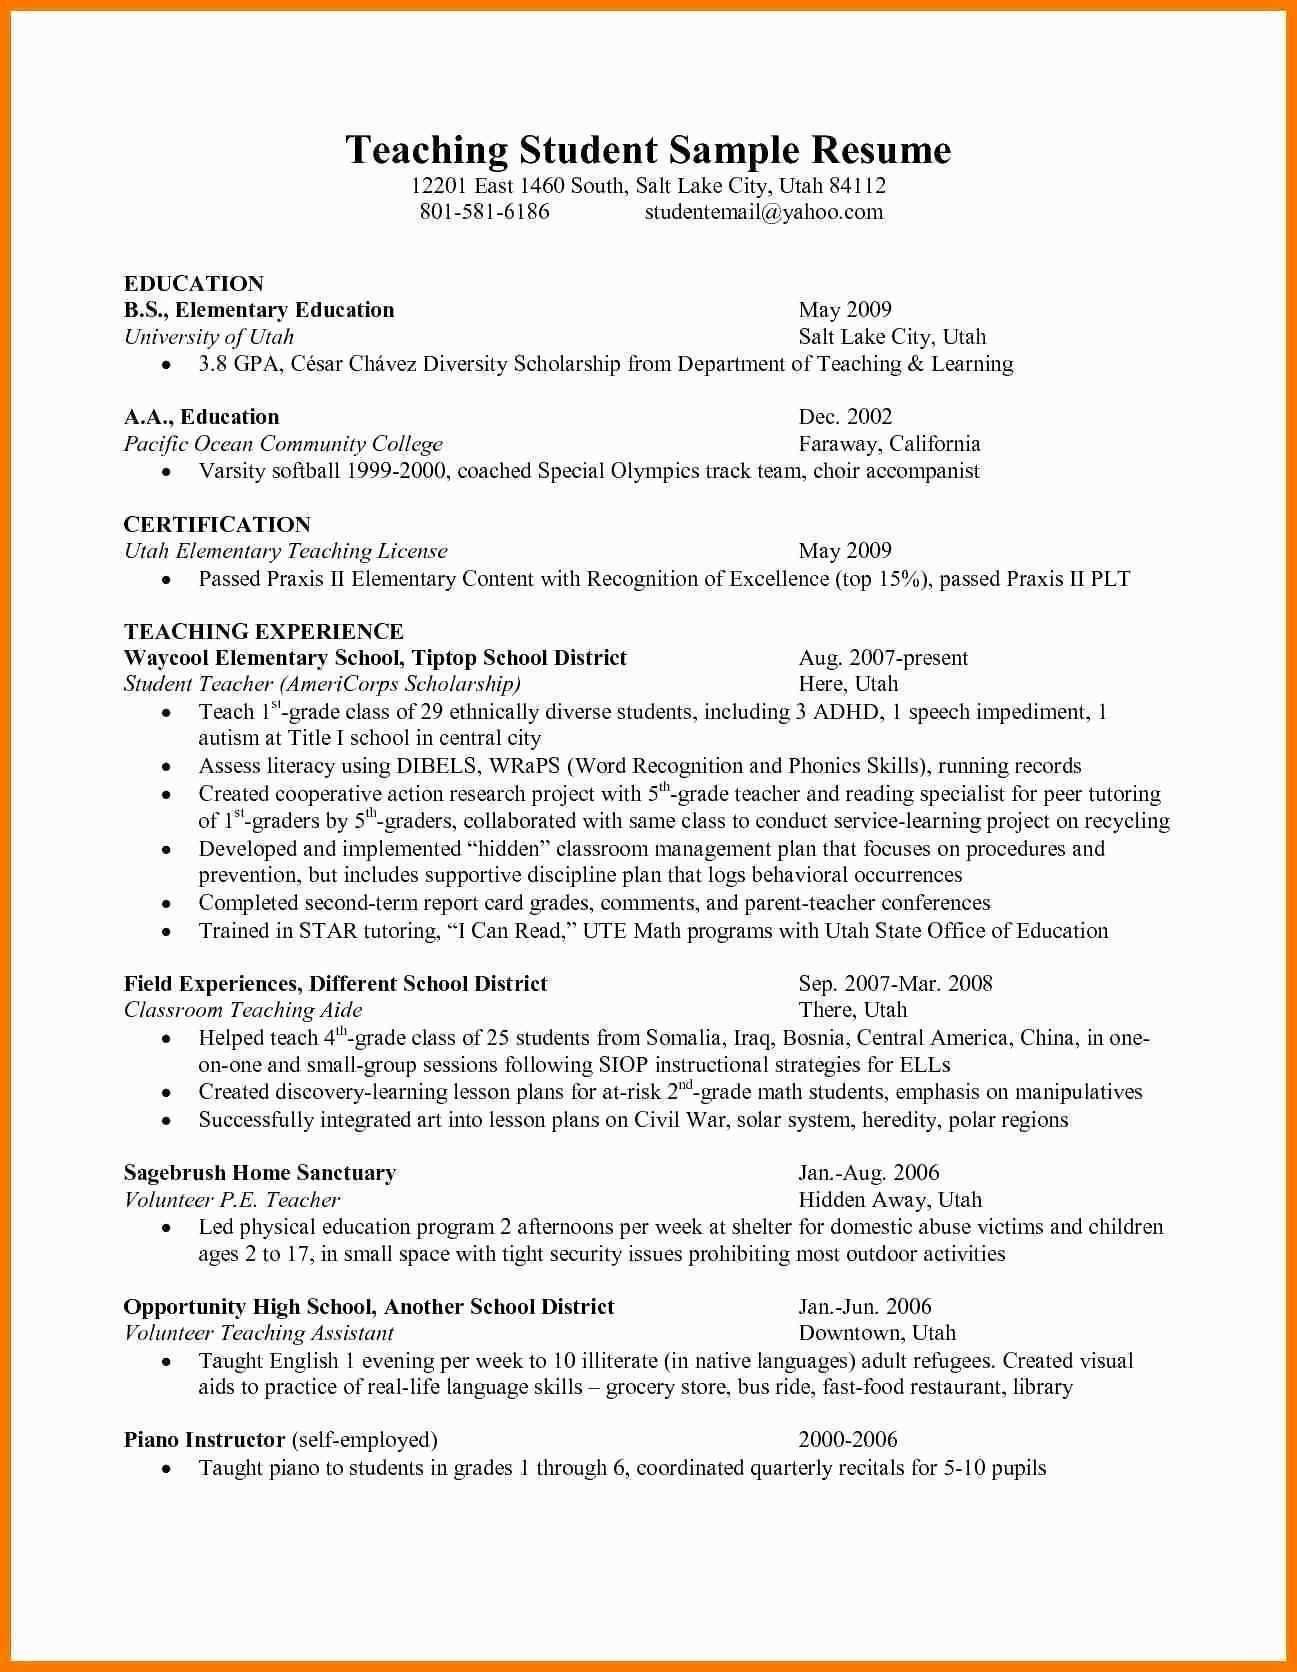 Sample Resume For Preschool Teacher Assistant Awesome 12 Sample Resumes Teacher Assistants Job Resume Examples Teacher Resume Teacher Assistant